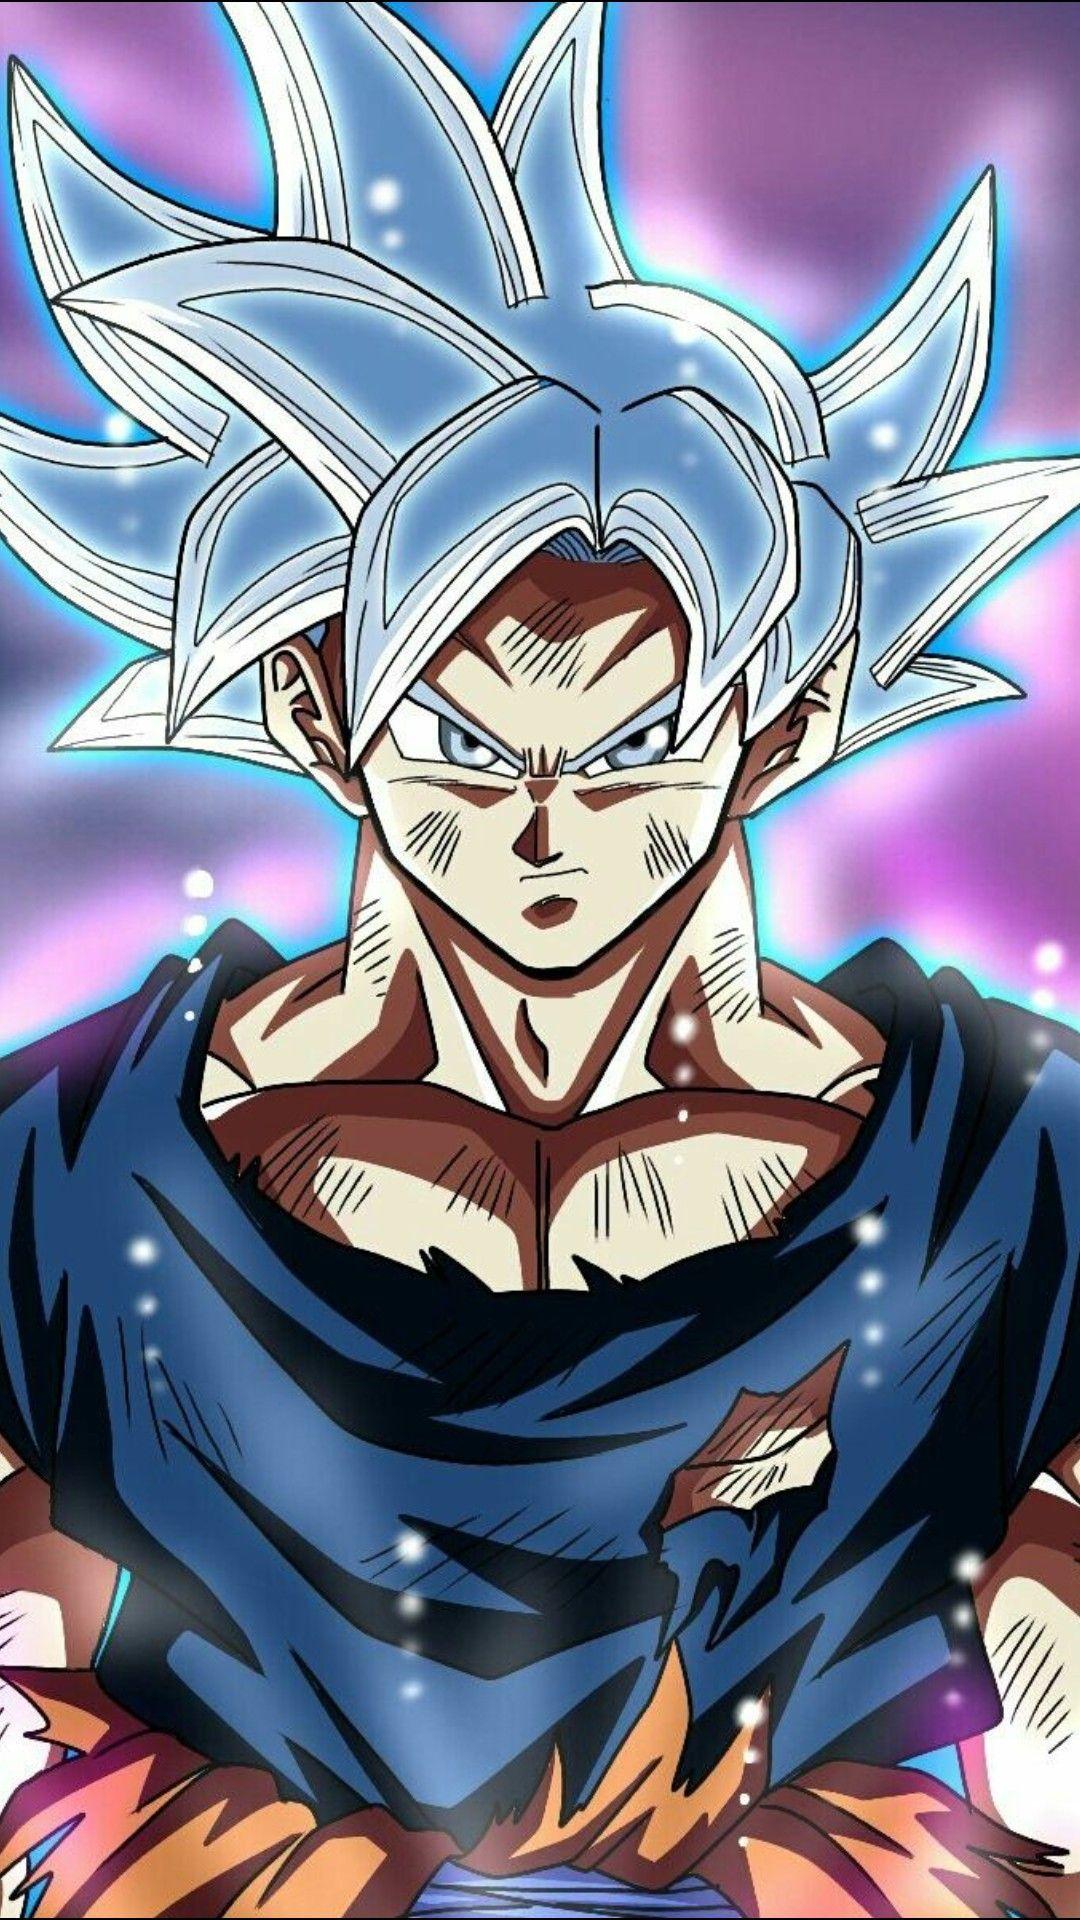 Gokú migatte no gokui dominado | Anime dragon ball super, Dragon ball  tattoo, Dragon ball super manga